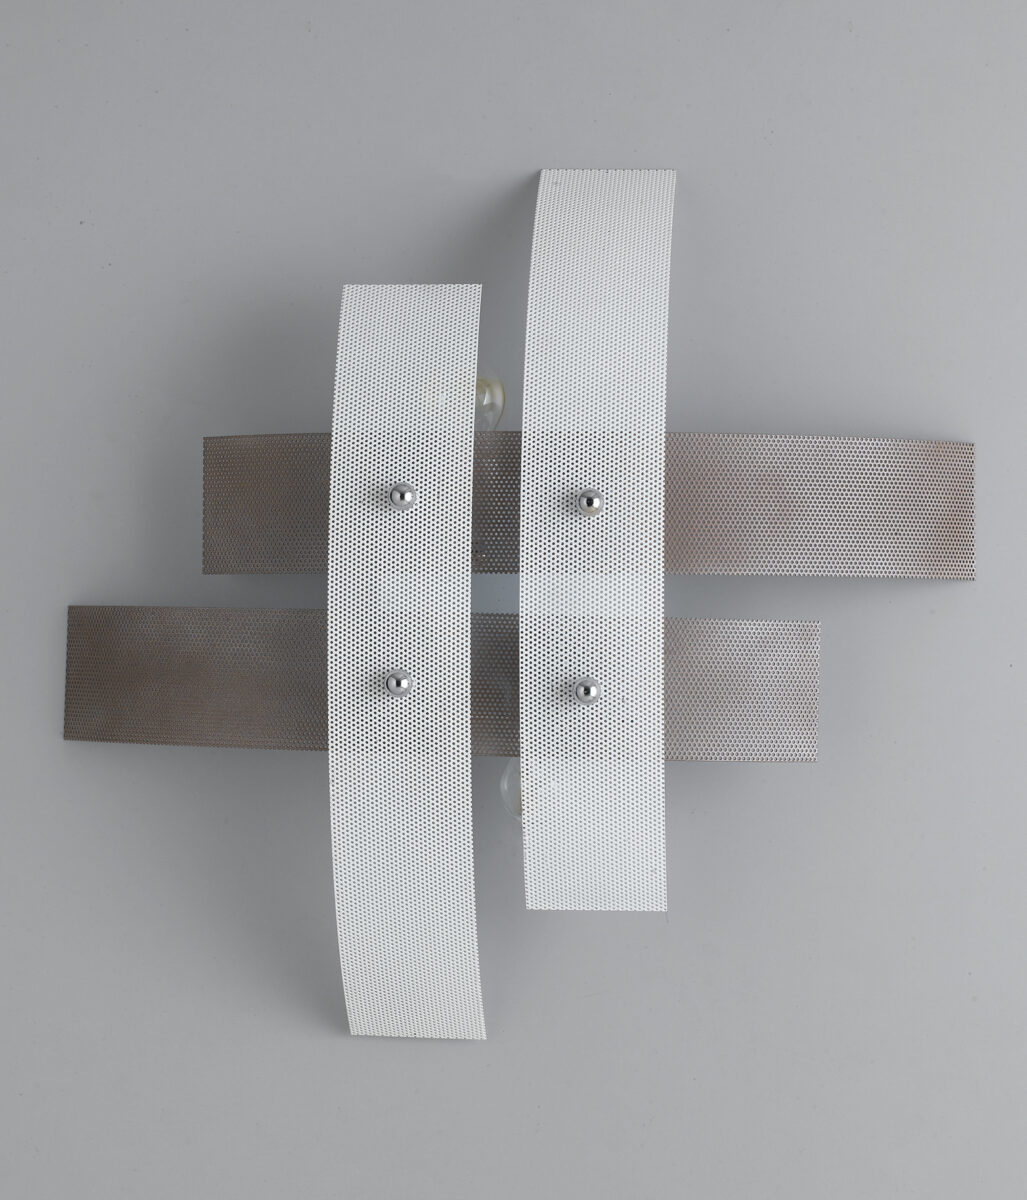 Plafoniera moderna 4 luci tortora bianco la luce del futuro for Plafoniera moderna